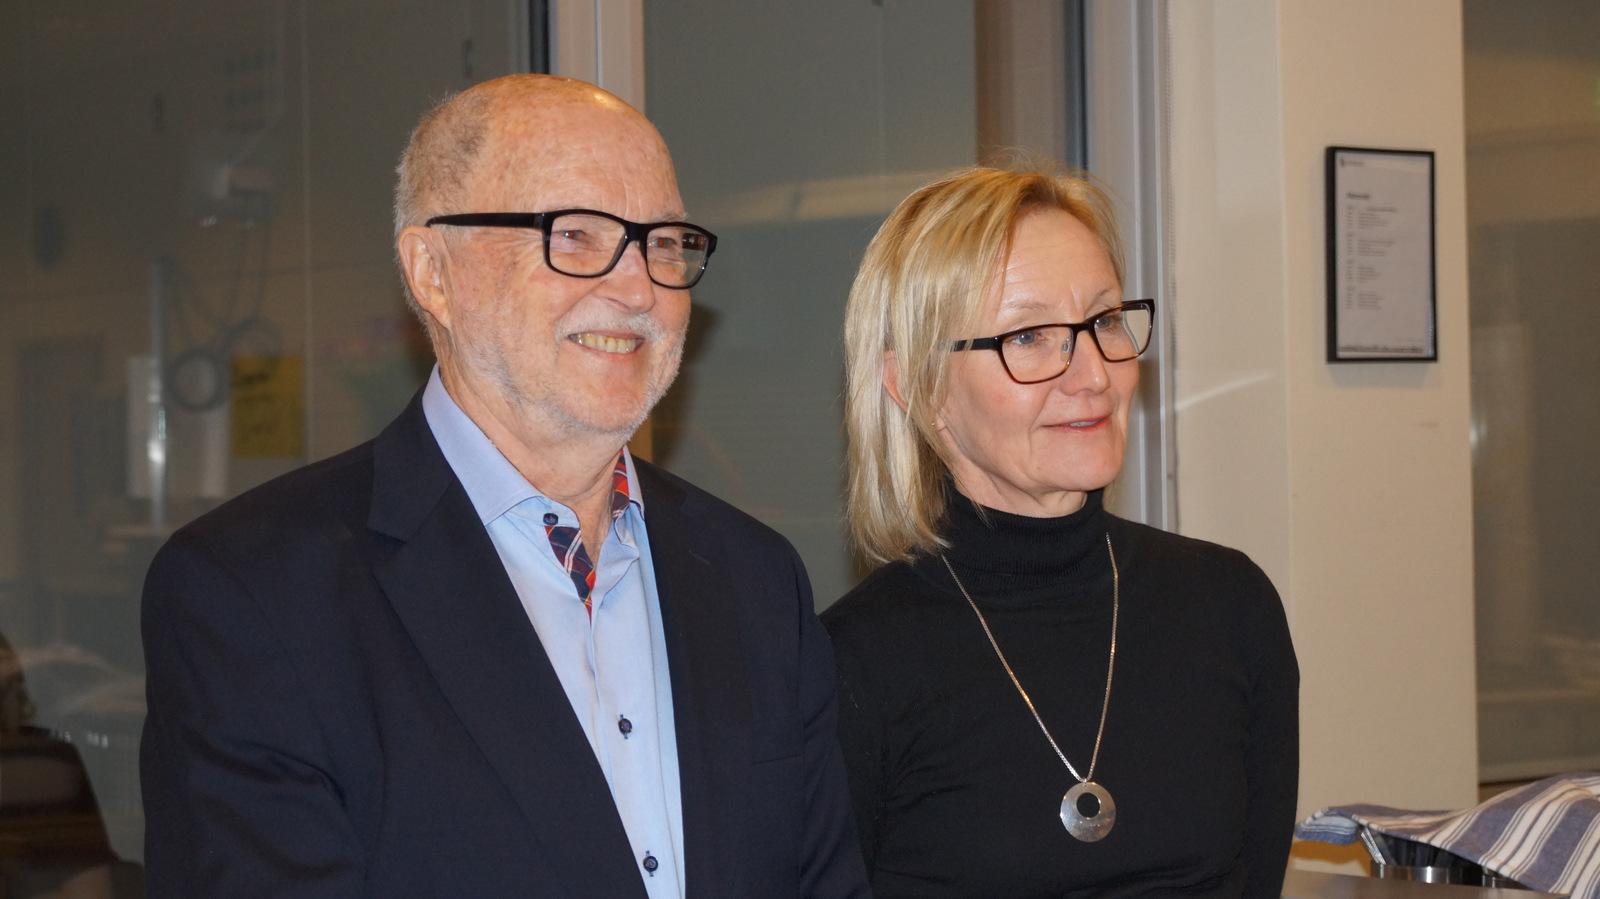 Håkan och Marie Ekström. Marie som höll ett mycket trevligt och känslofyllt högtidstal.